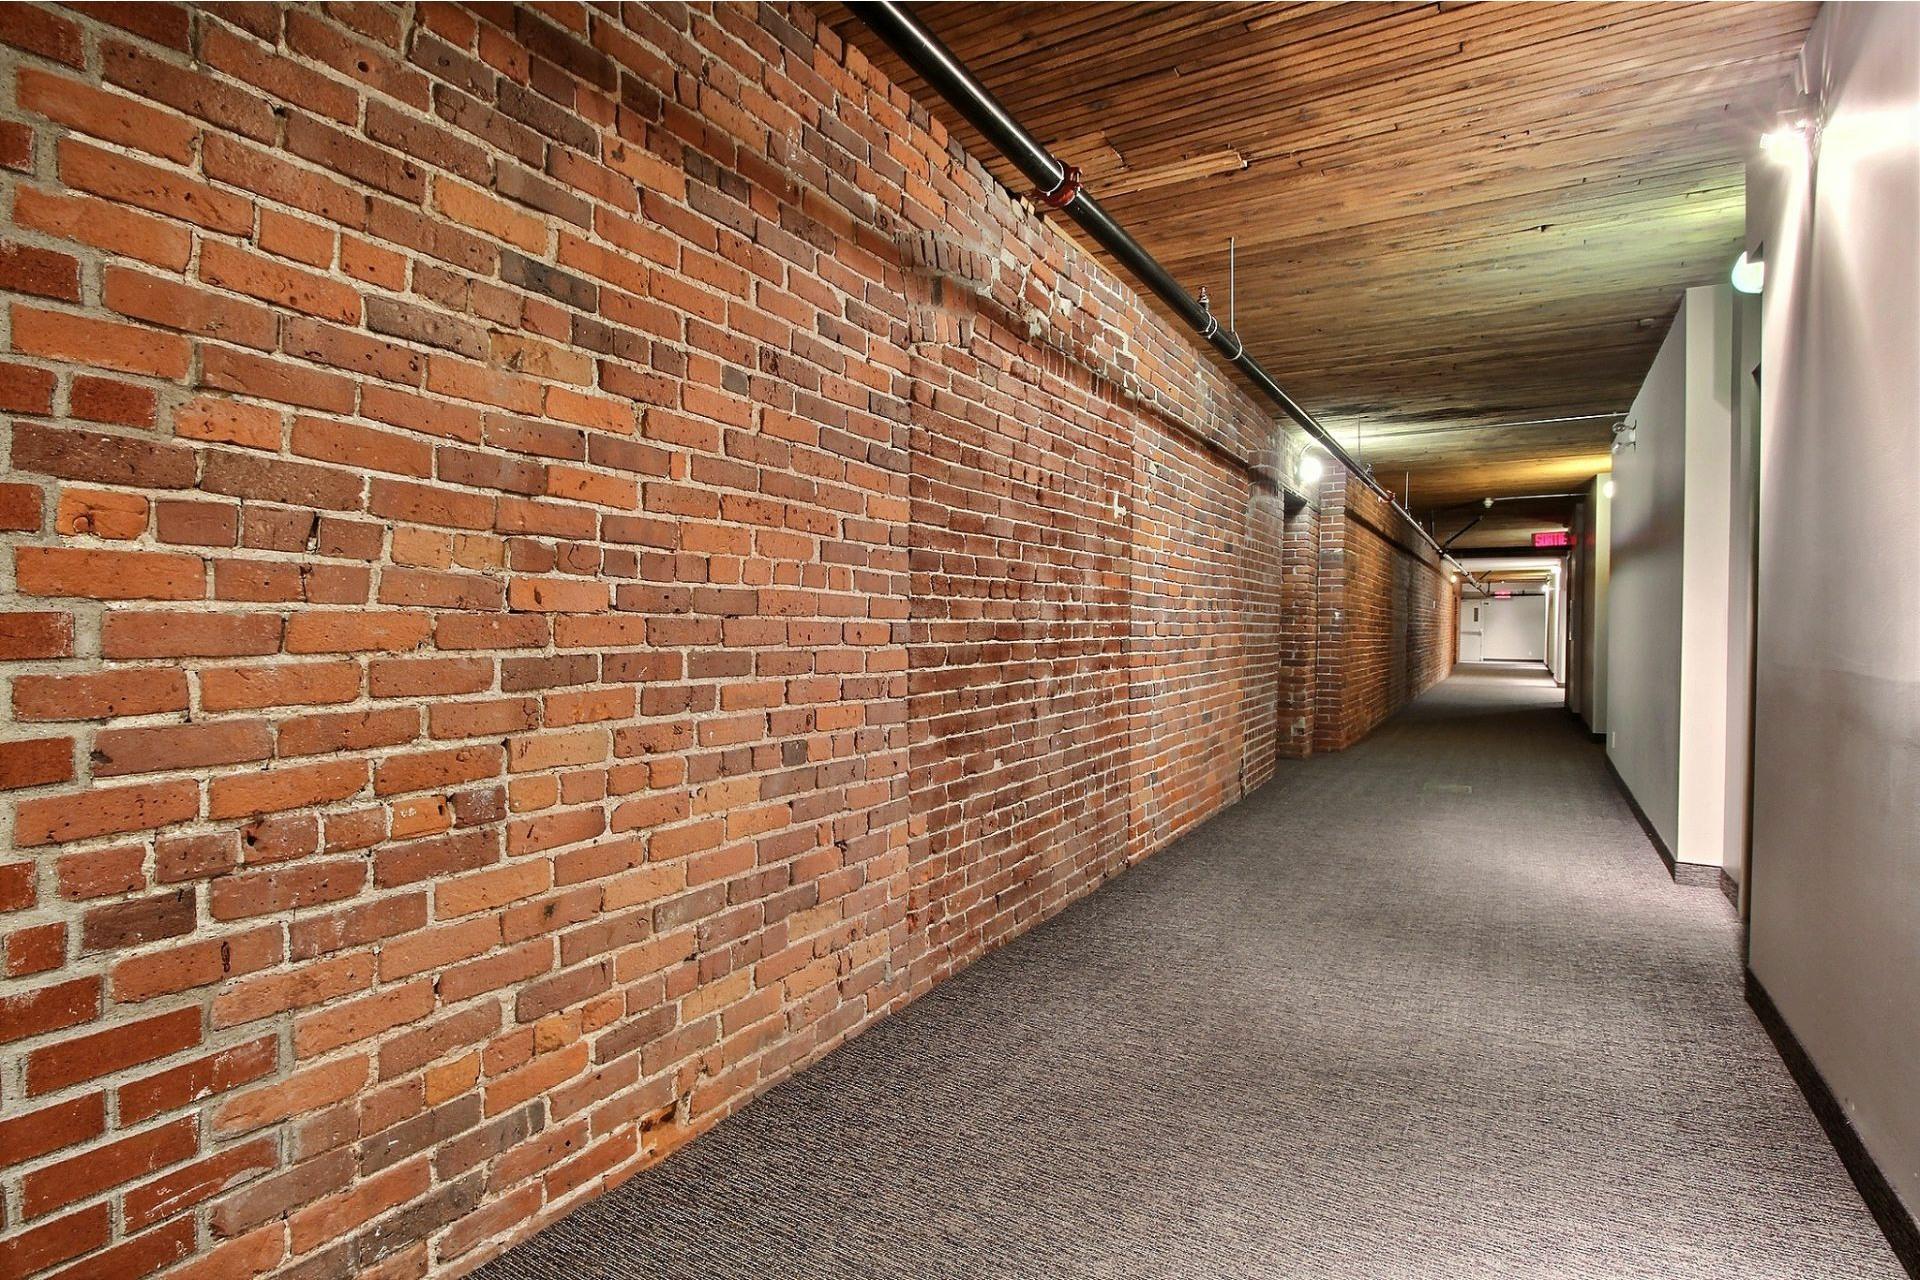 image 14 - Apartment For rent Mercier/Hochelaga-Maisonneuve Montréal  - 5 rooms